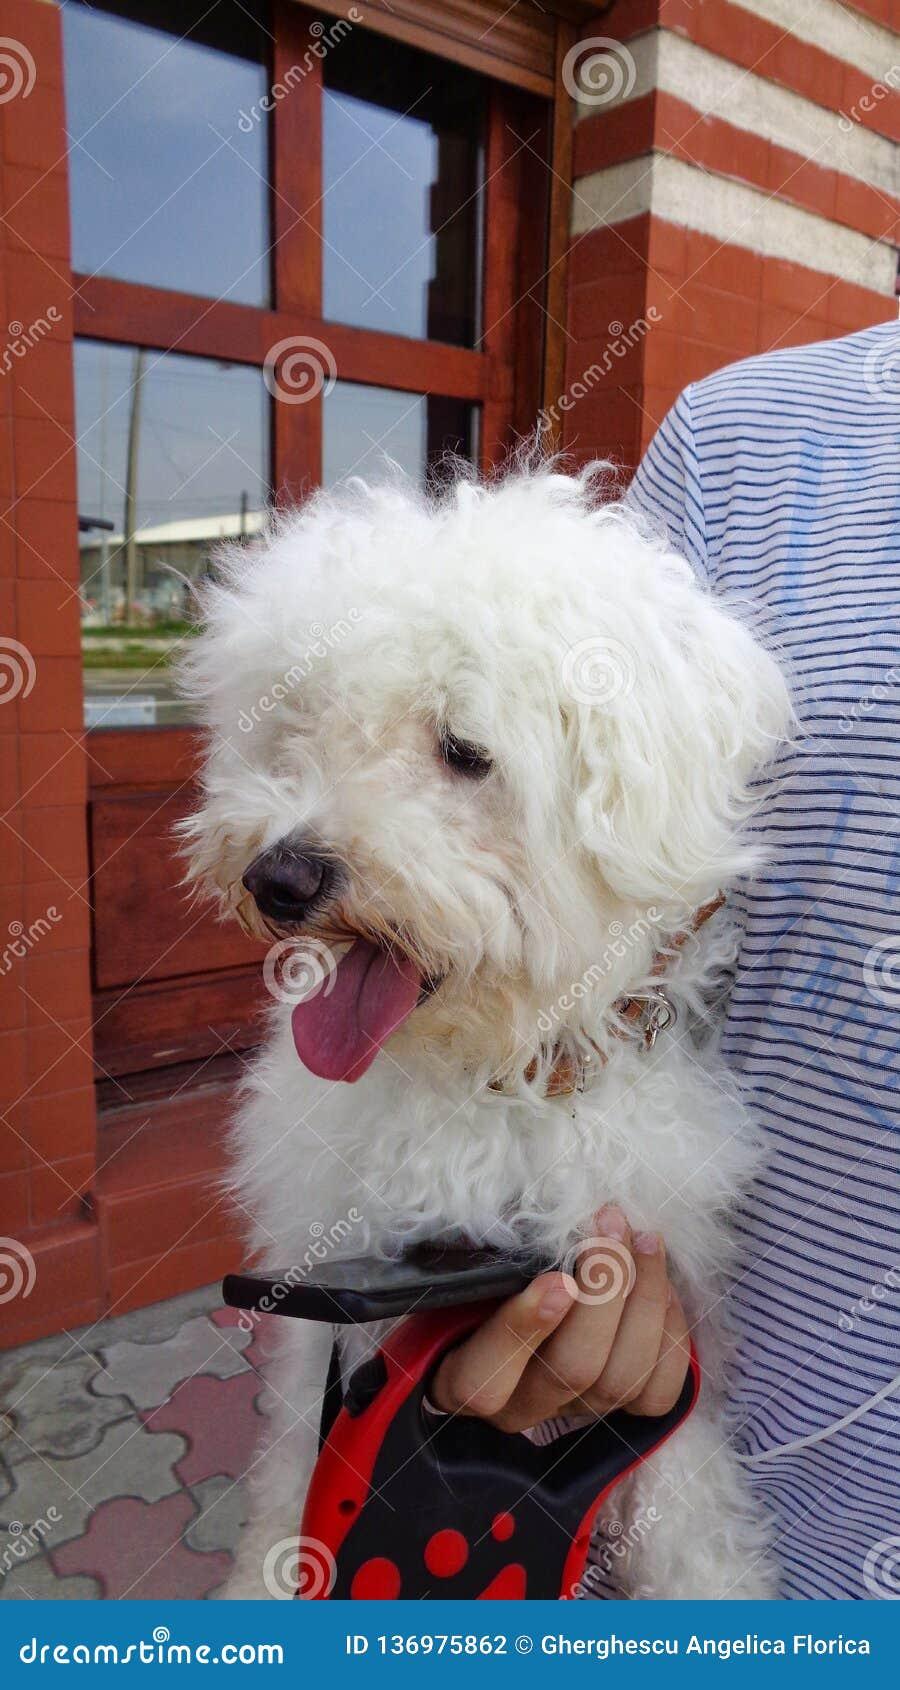 Cane, tenuto nelle armi da un giovane